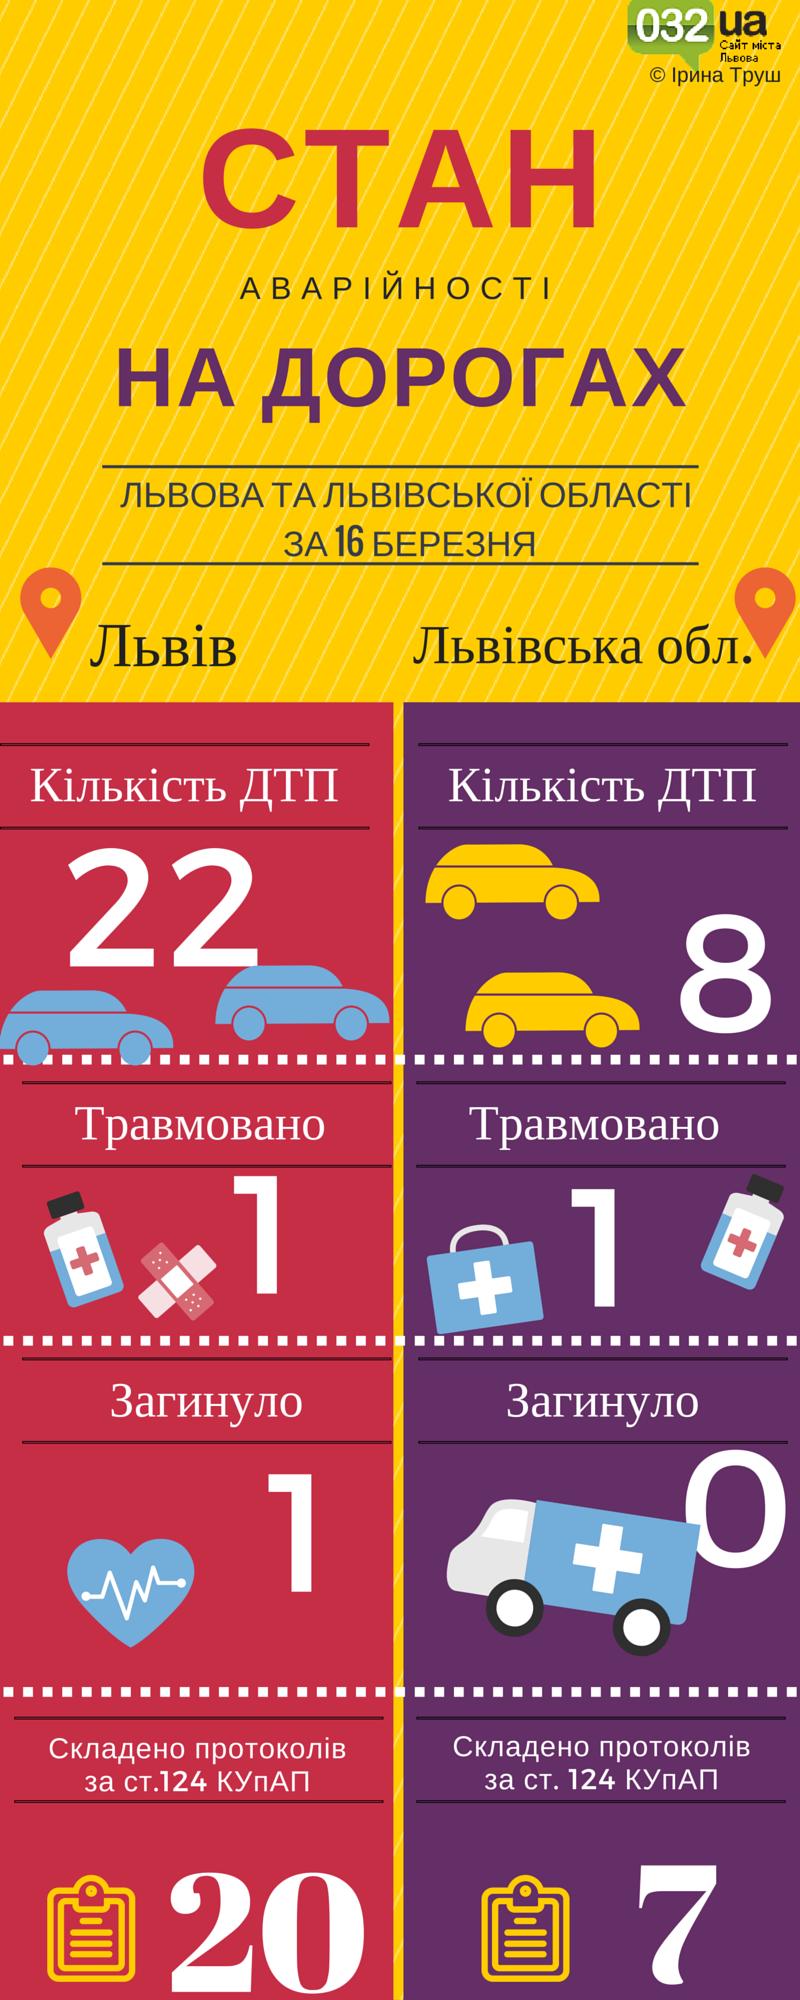 Львів. Стан аварійності на дорогах (1)